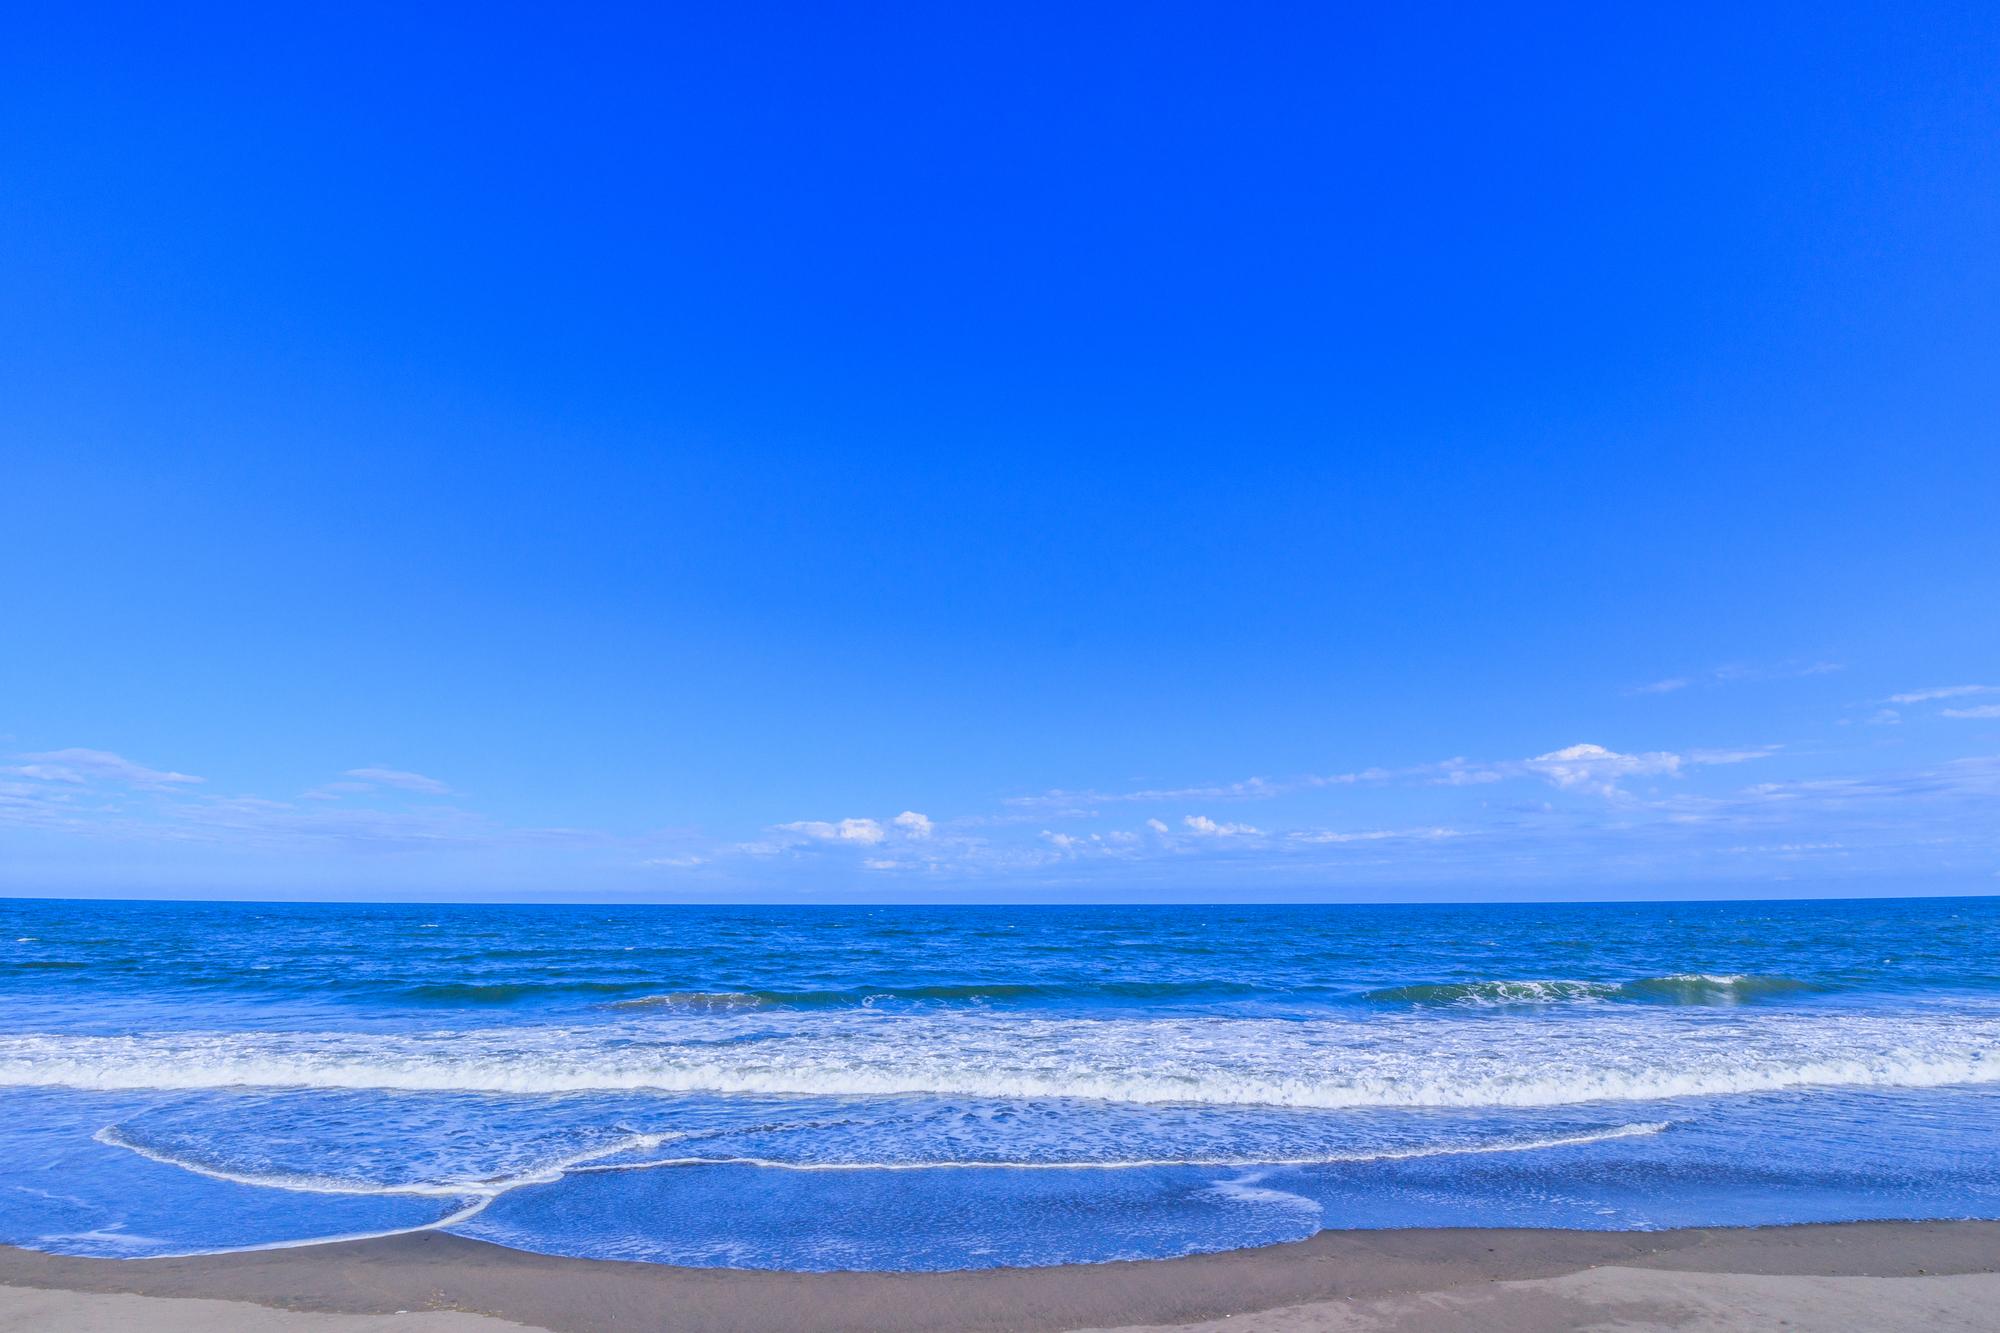 (千葉県/九十九里)夏休みの短期リゾバで初めてのひとり暮らしを経験